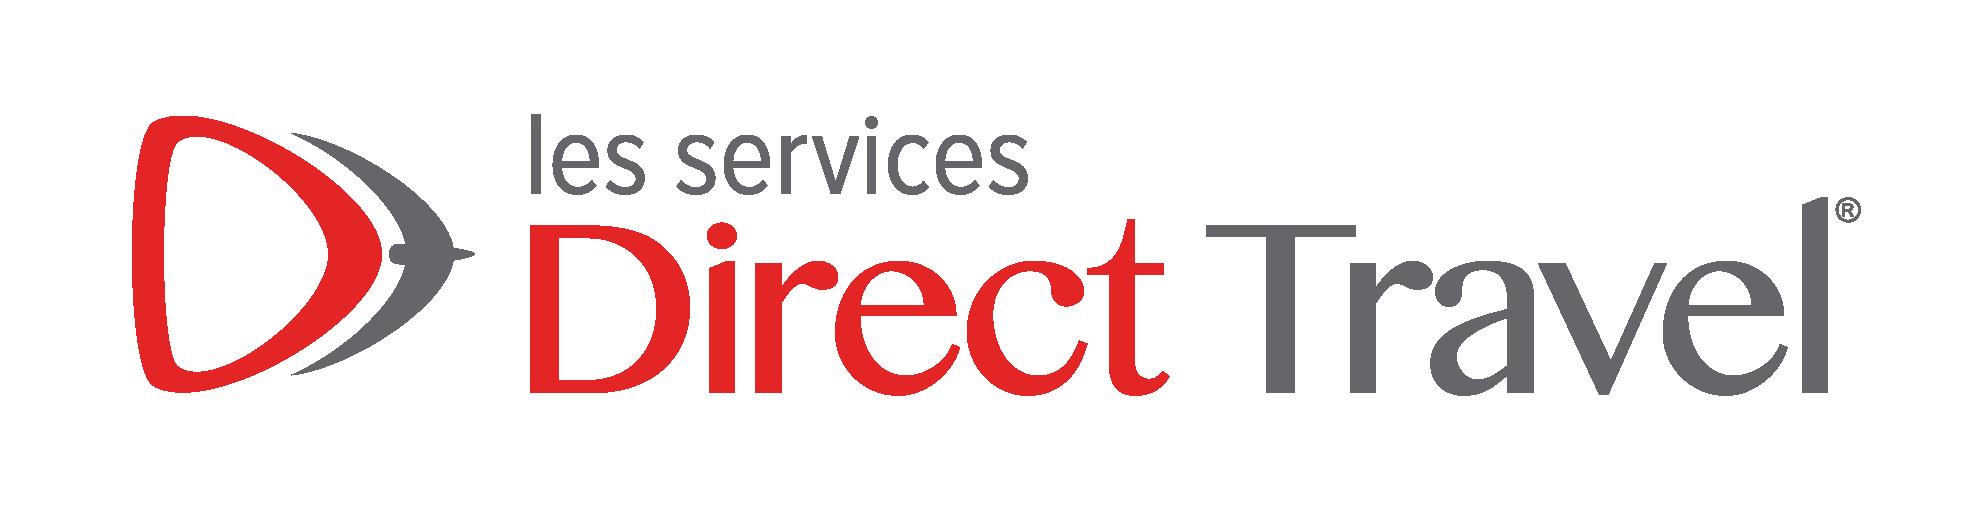 Les services Direct Travel